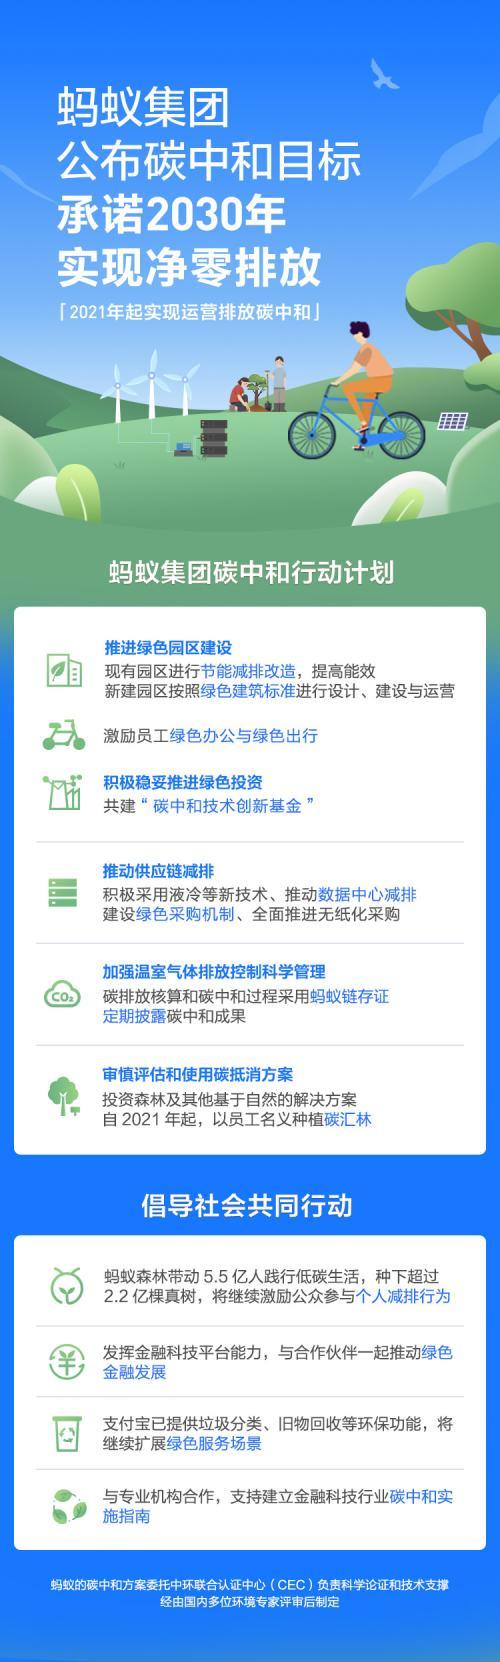 太意外!蚂蚁集团CEO胡晓明宣布辞职,任职仅15个月!开创阿里小贷大数据贷款模式,是支付宝老兵